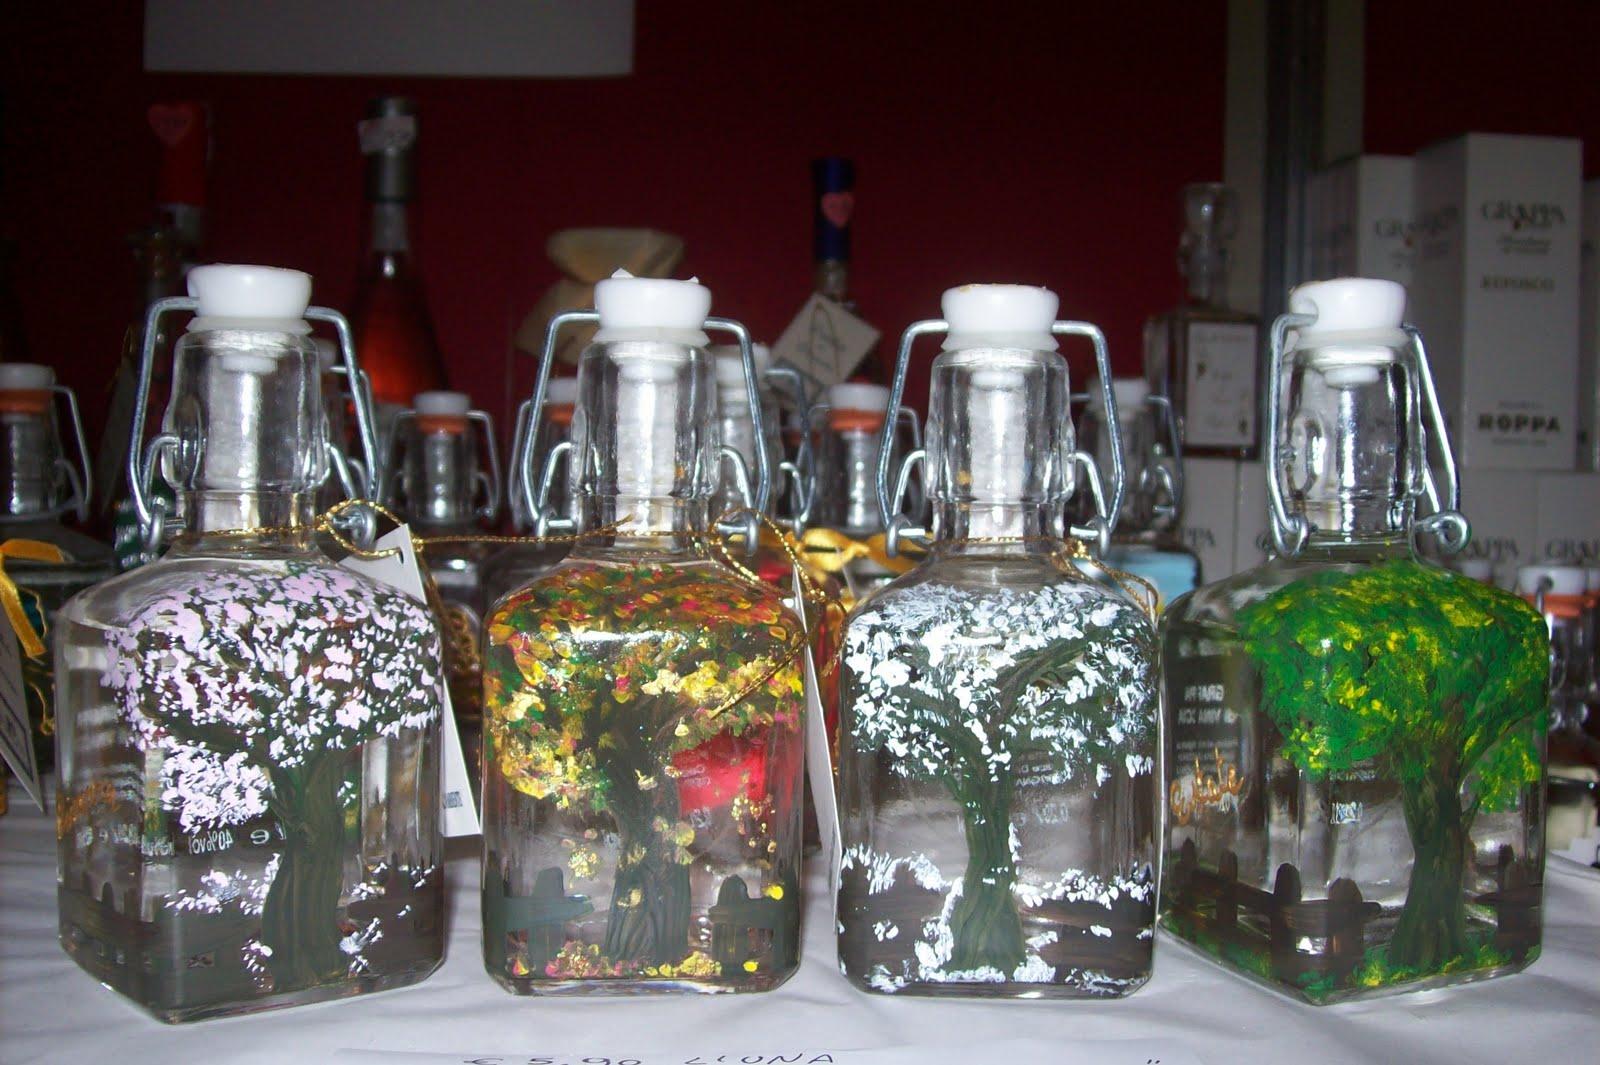 Ideedinonnalaura bottiglie decorate - Bottiglie vetro decorate ...